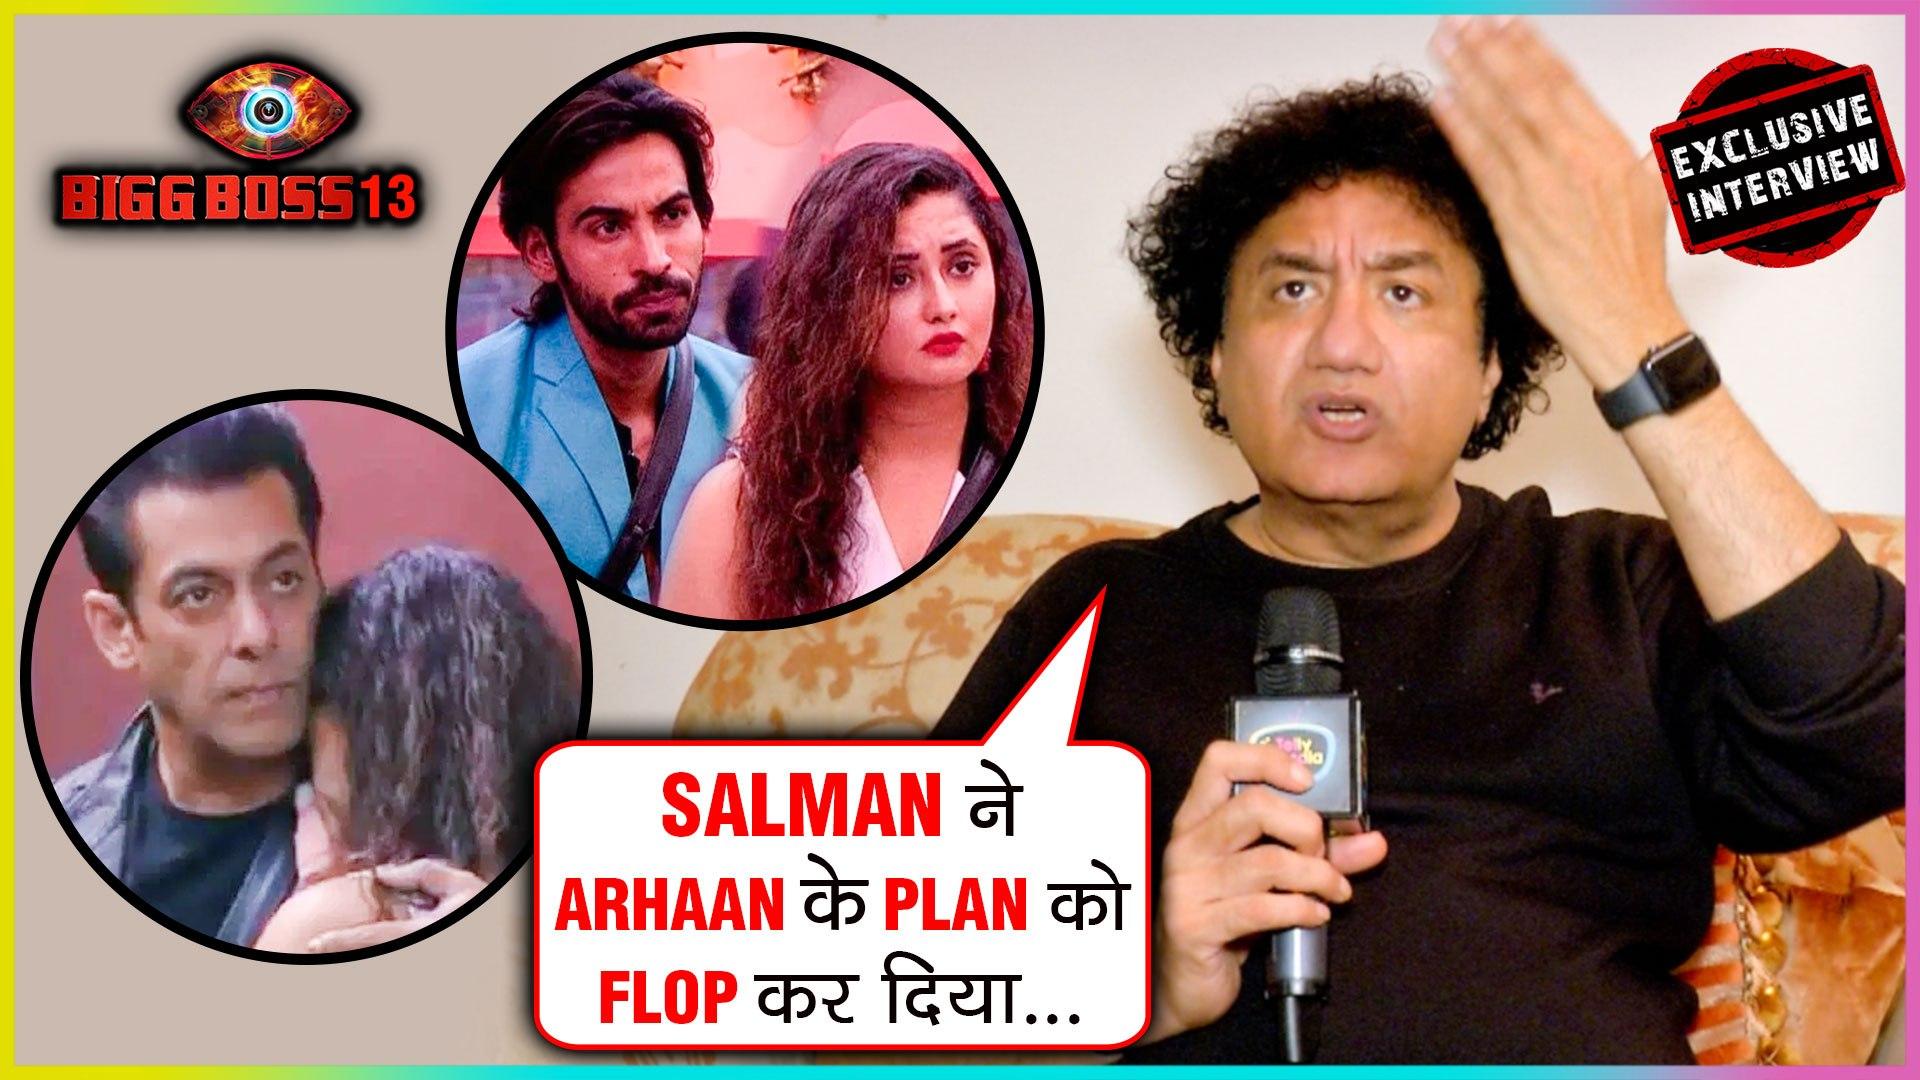 Abu Malik SHOCKING Reaction On Arhaan Betraying Rashami & Asim's Love Story   Exclusive Int